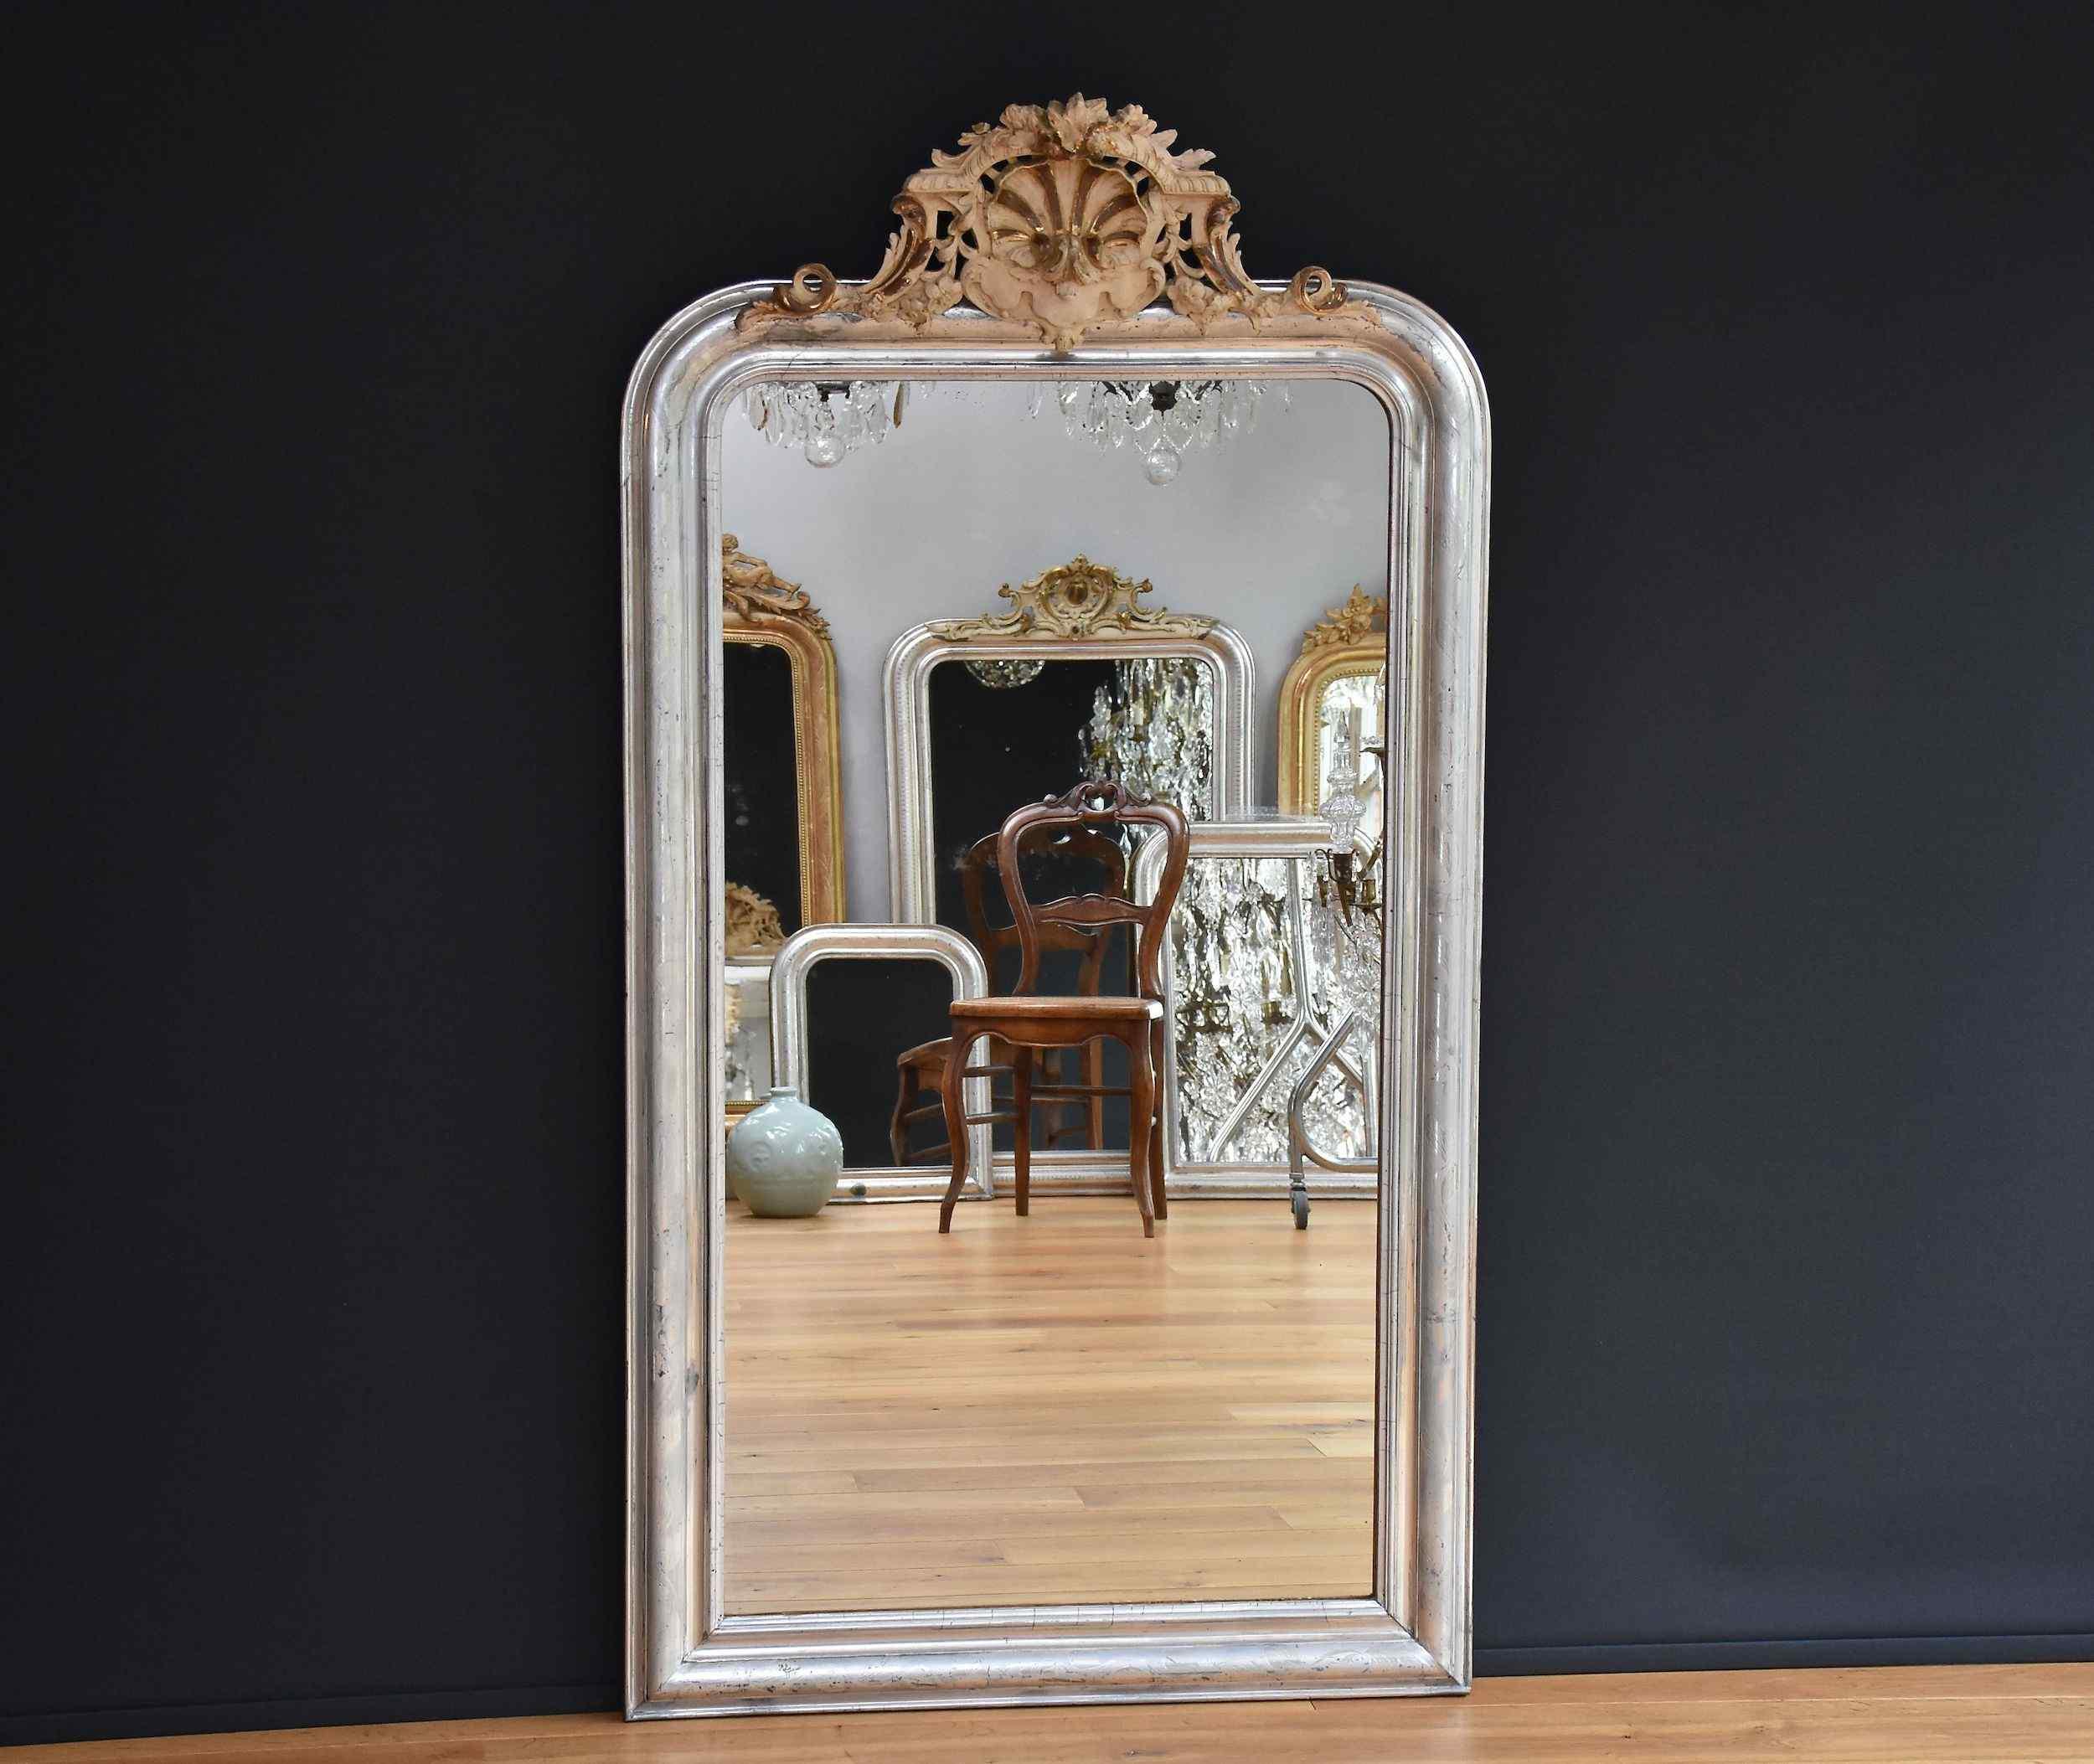 Grande 19 c. Specchio francese con una cresta, foglia d'arge